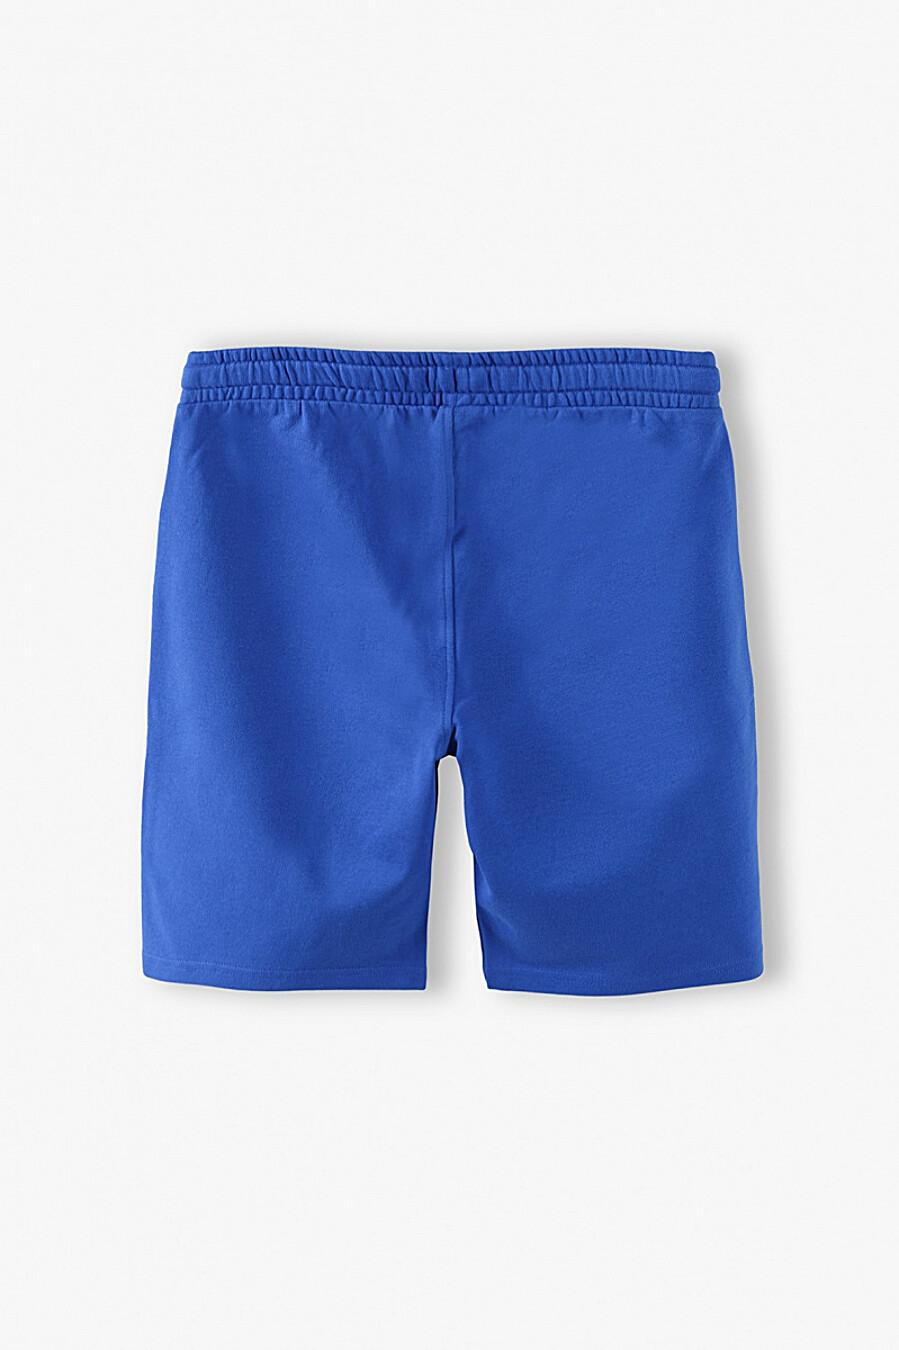 Шорты для мальчиков 5.10.15 668580 купить оптом от производителя. Совместная покупка детской одежды в OptMoyo